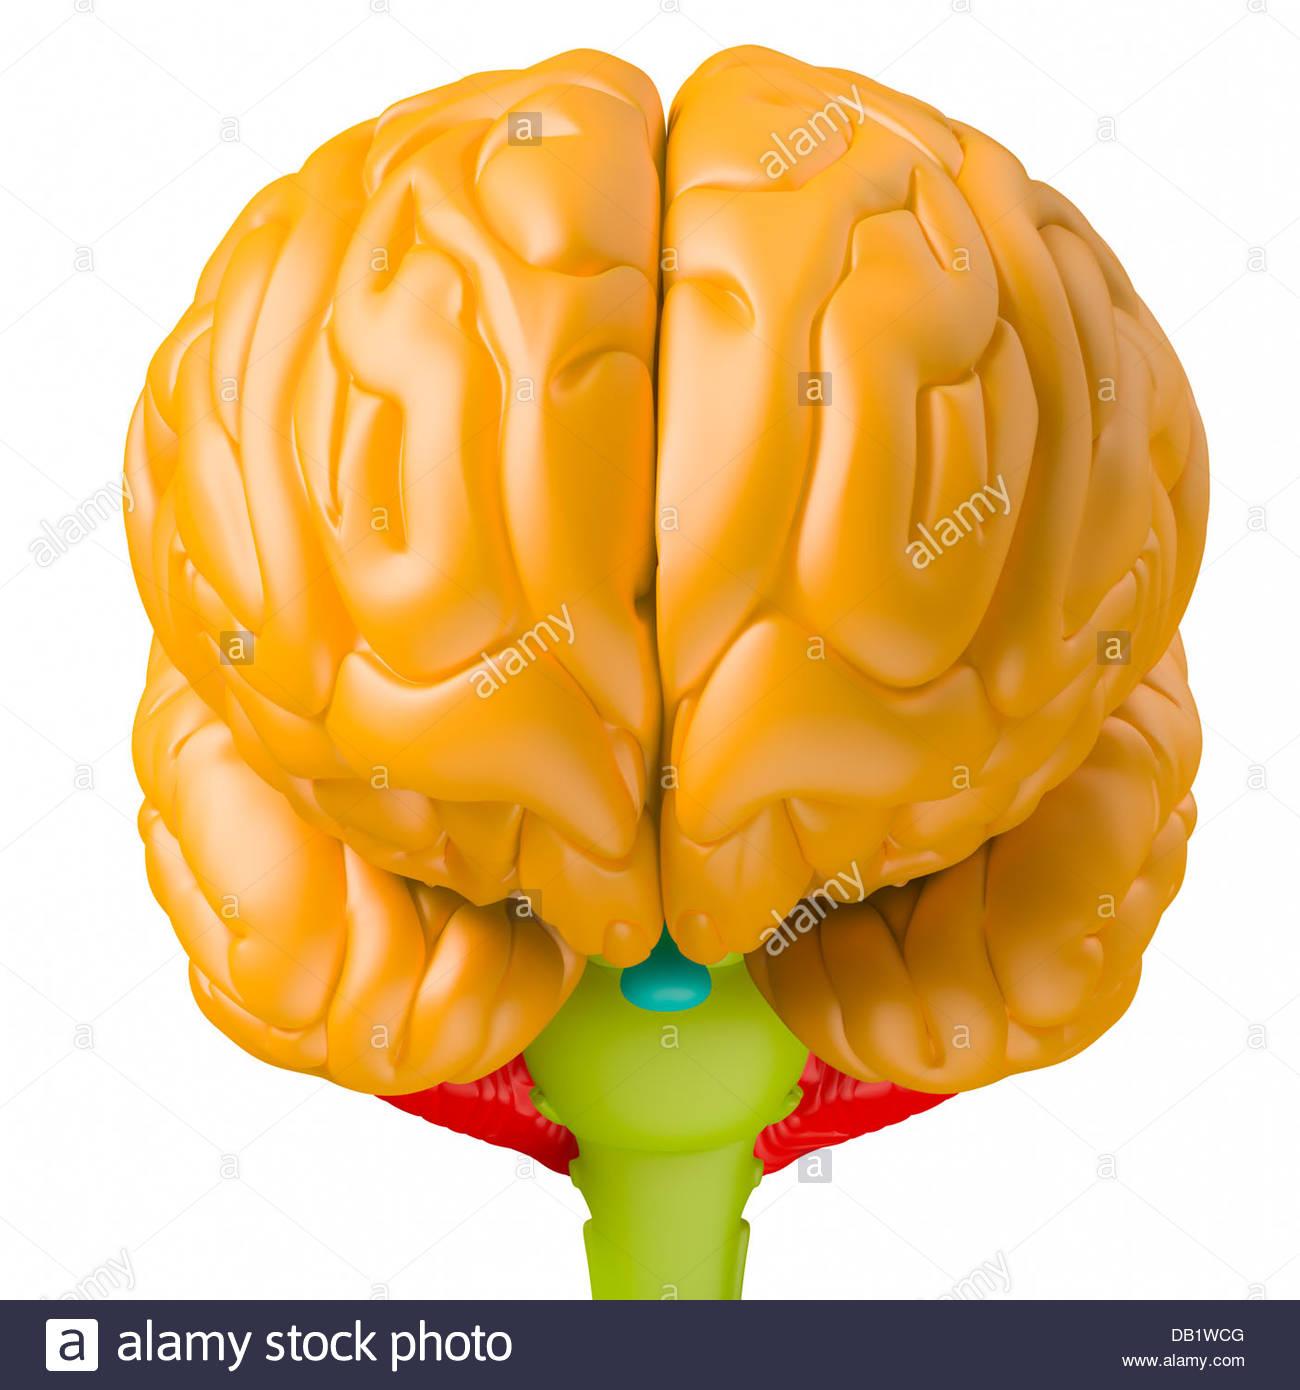 Illustration médicale numérique représentant le cerveau humain.Orange:lobes du cerveau.bleu:hypophyse.Vert: Photo Stock